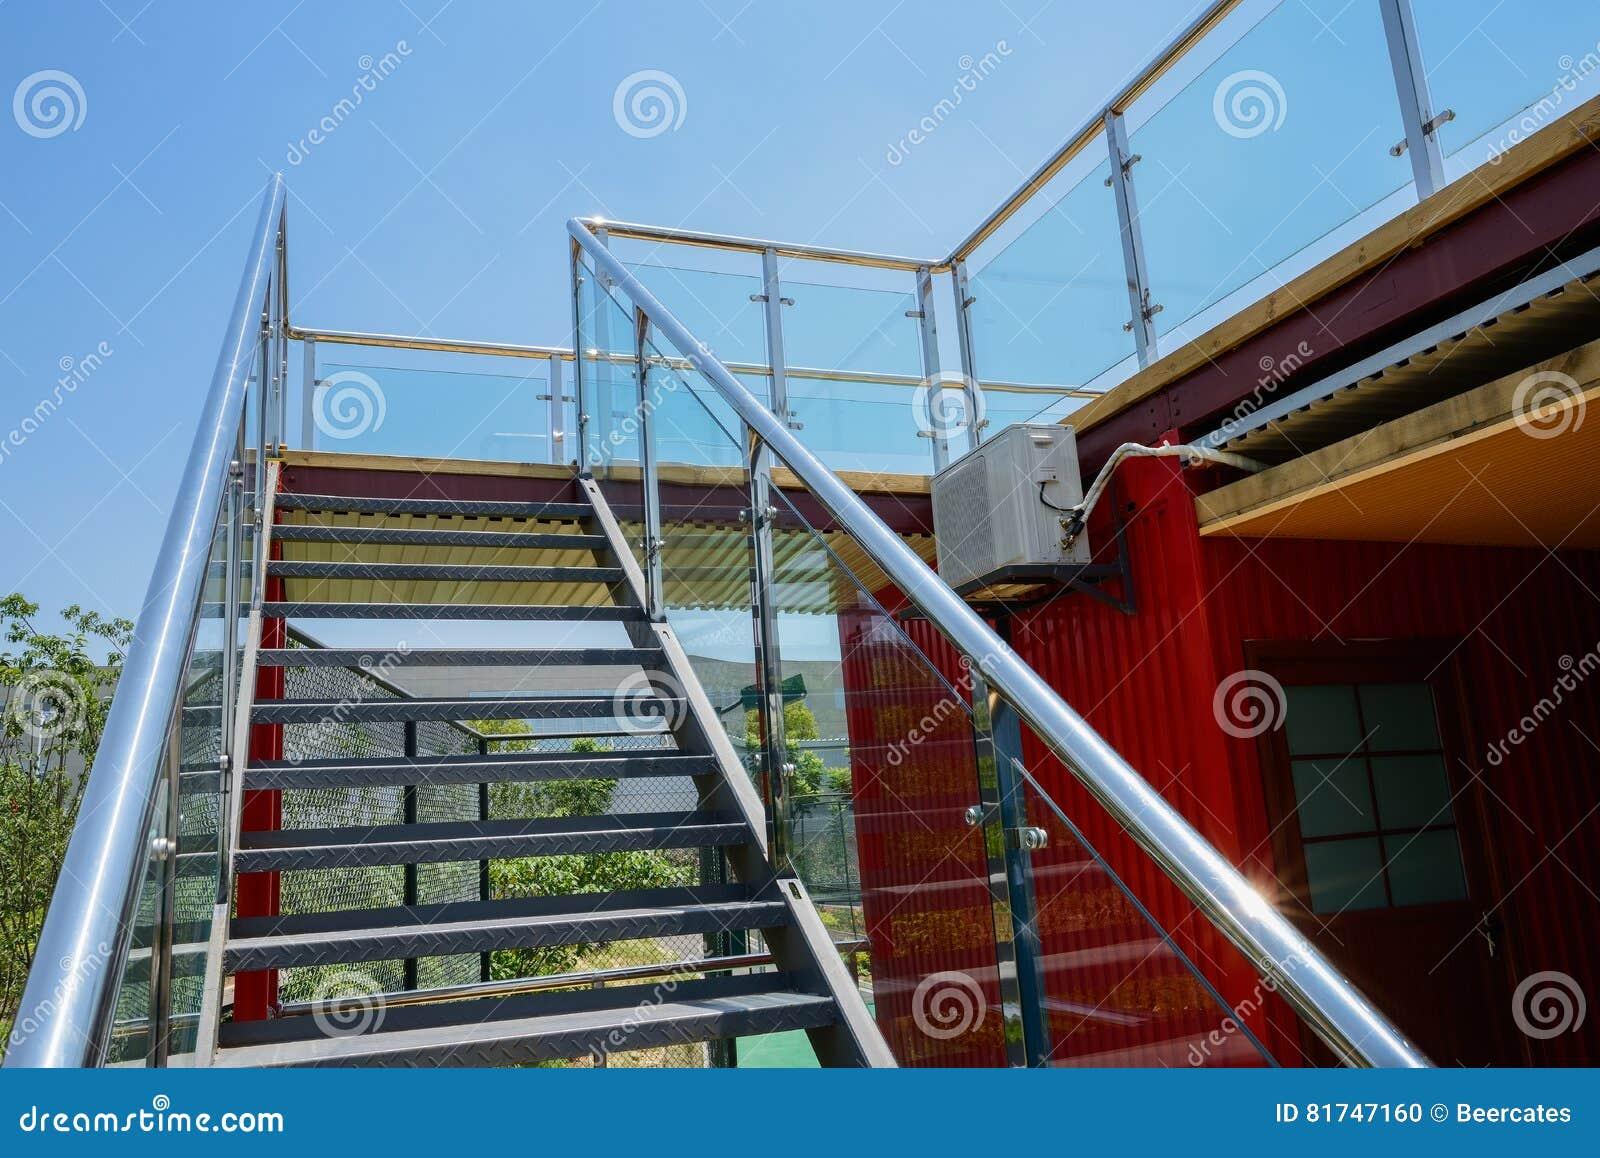 Escaliers En Acier De Verre-balustraded Pour Couvrir La Terrasse Du ...